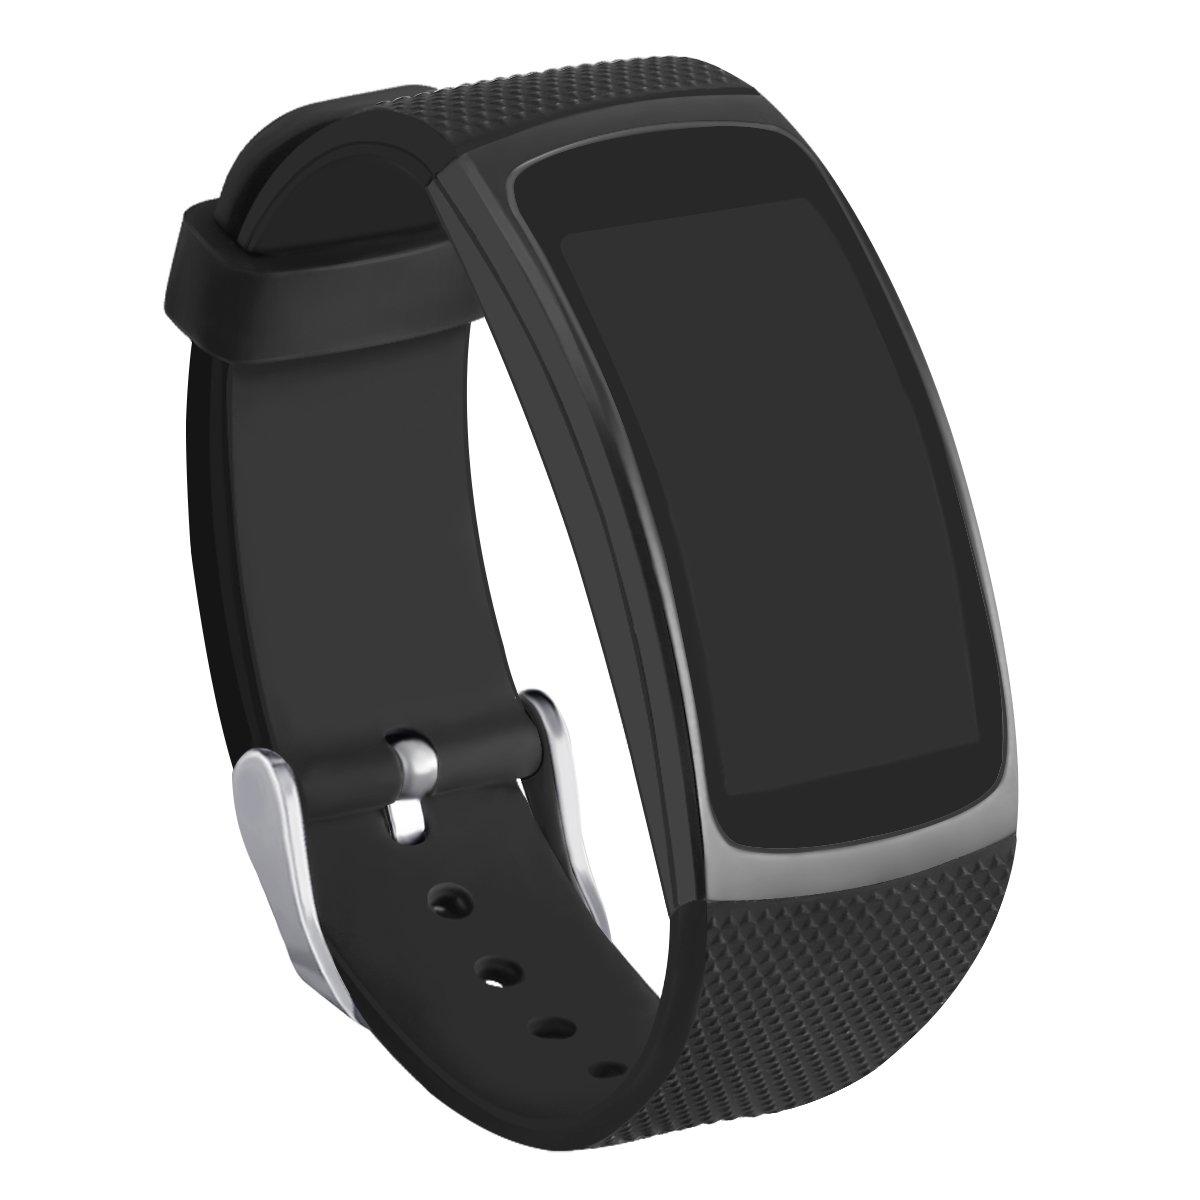 Kmasic Gear Fit2 Pro / Fit2 Bands, Correa de Repuesto de Silicona para Samsung Gear Fit 2 y 2 Pro Tracker (Negro)